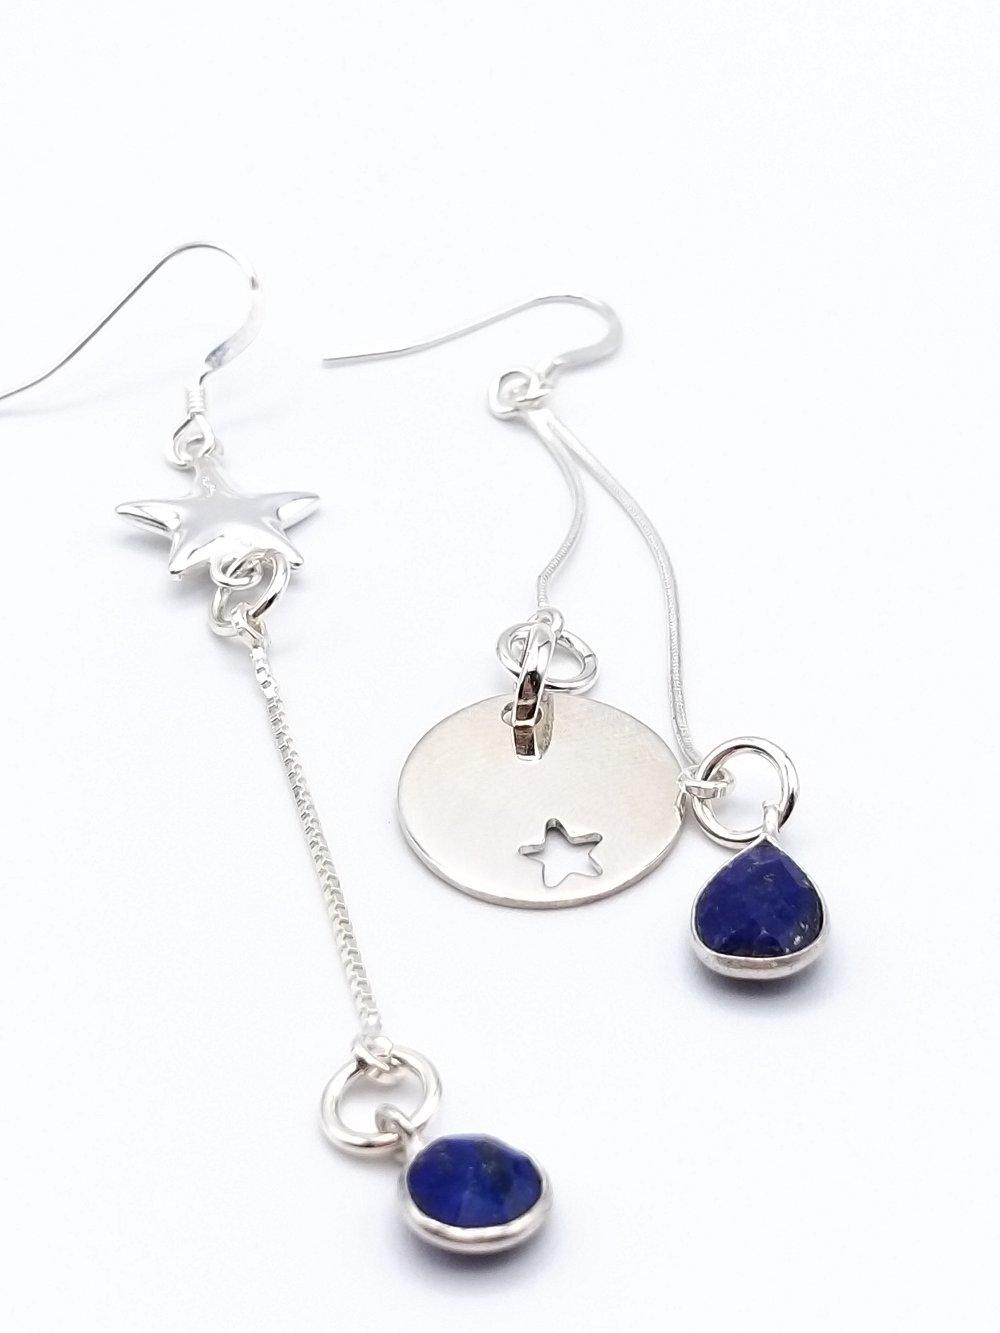 Boucles d'oreilles asymétriques Etoiles Lapis Lazuli